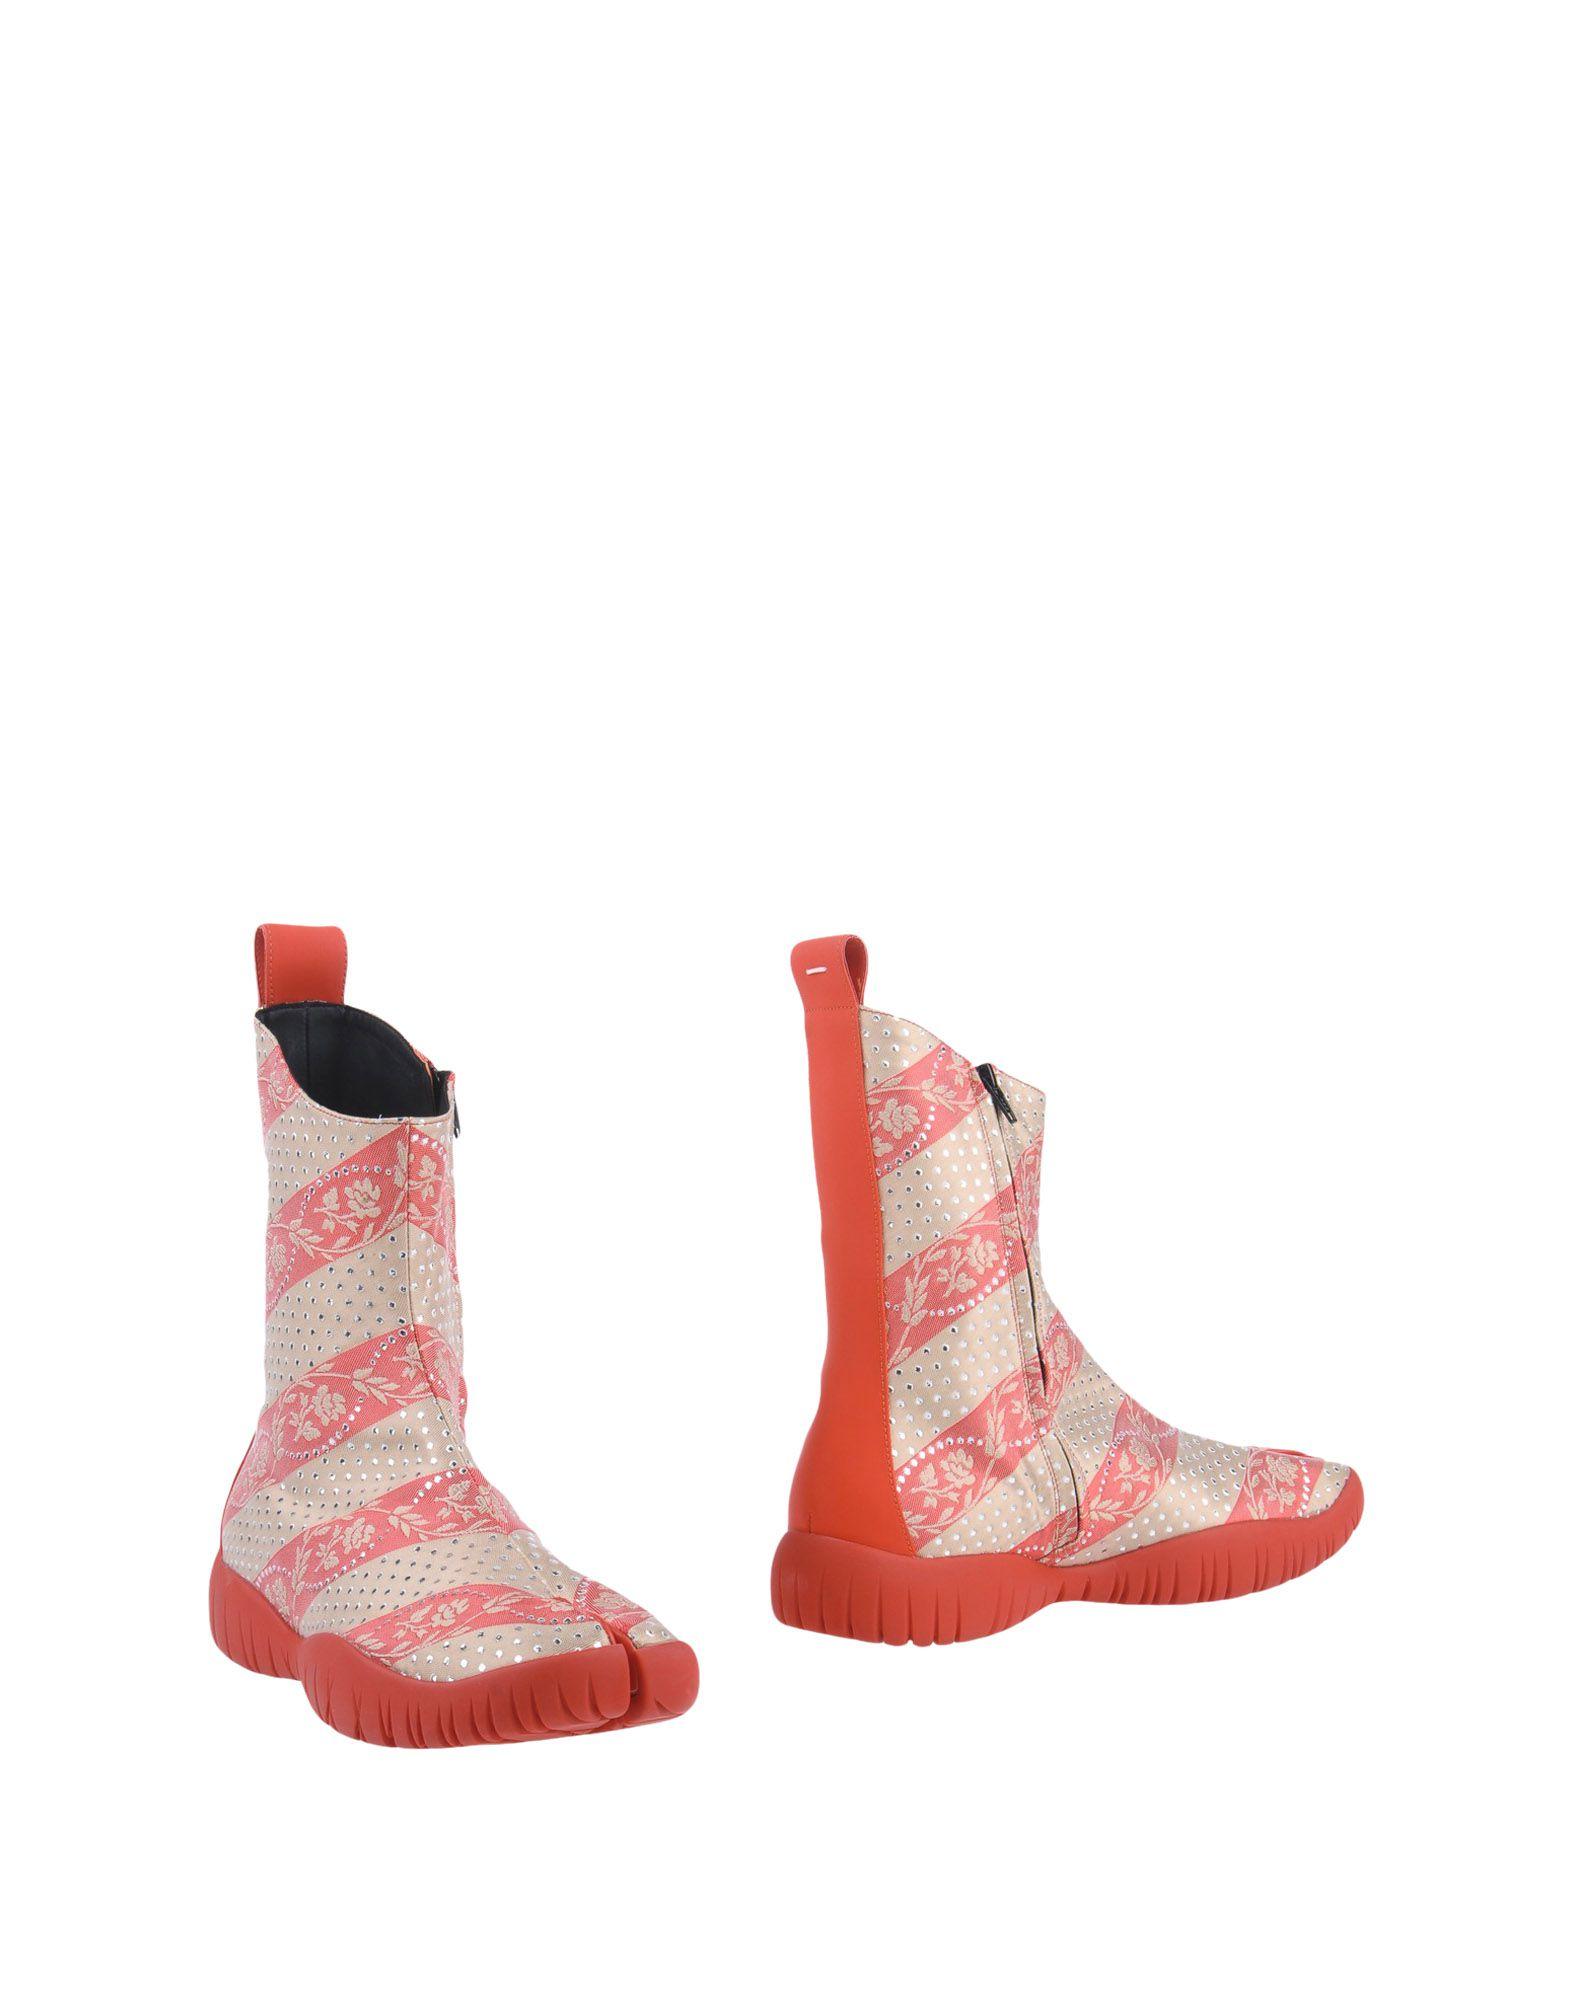 Maison Margiela Stiefelette Damen  11327553KWGut aussehende strapazierfähige Schuhe